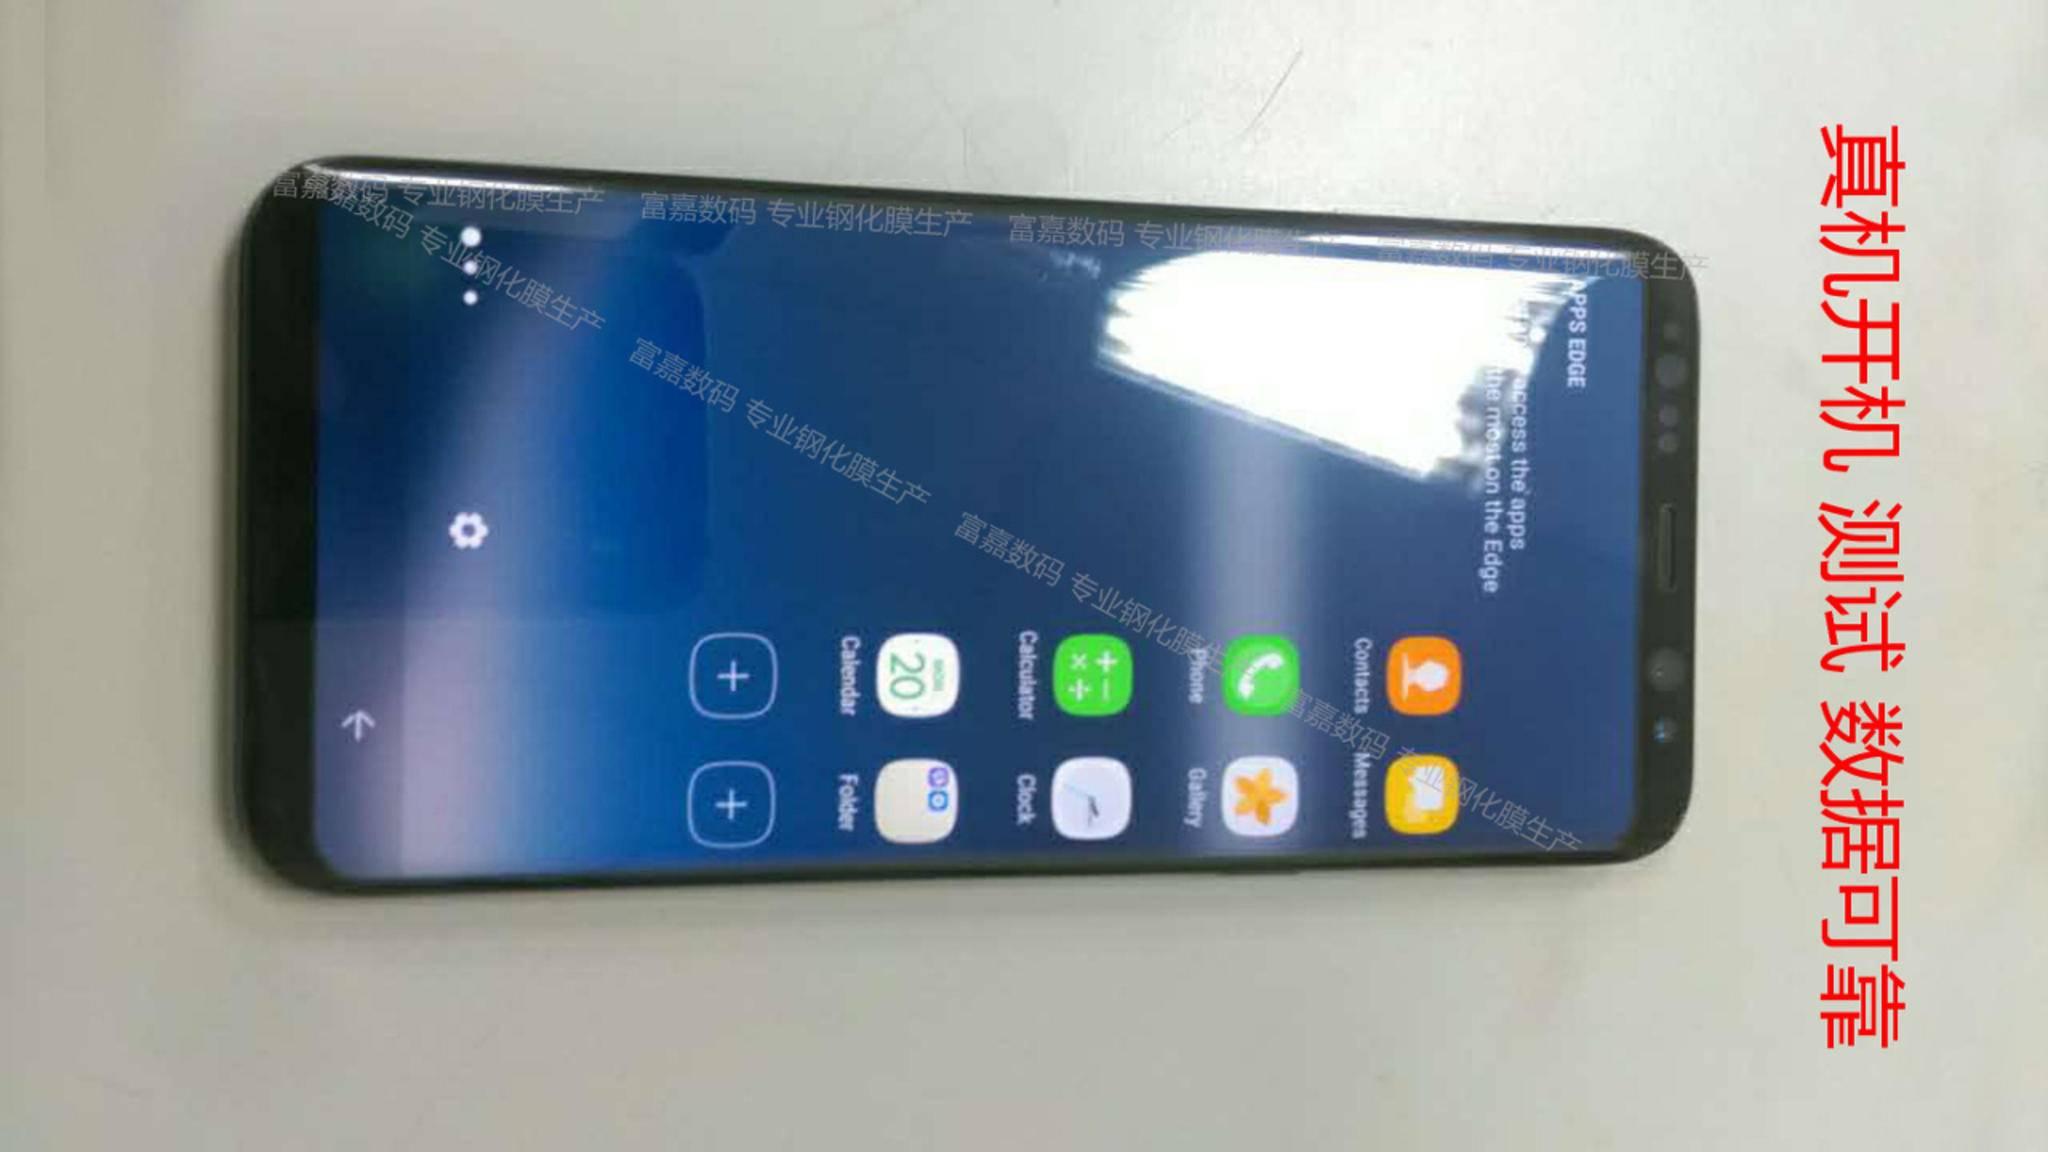 So sollen die On-Screen-Buttons beim Galaxy S8 aussehen.